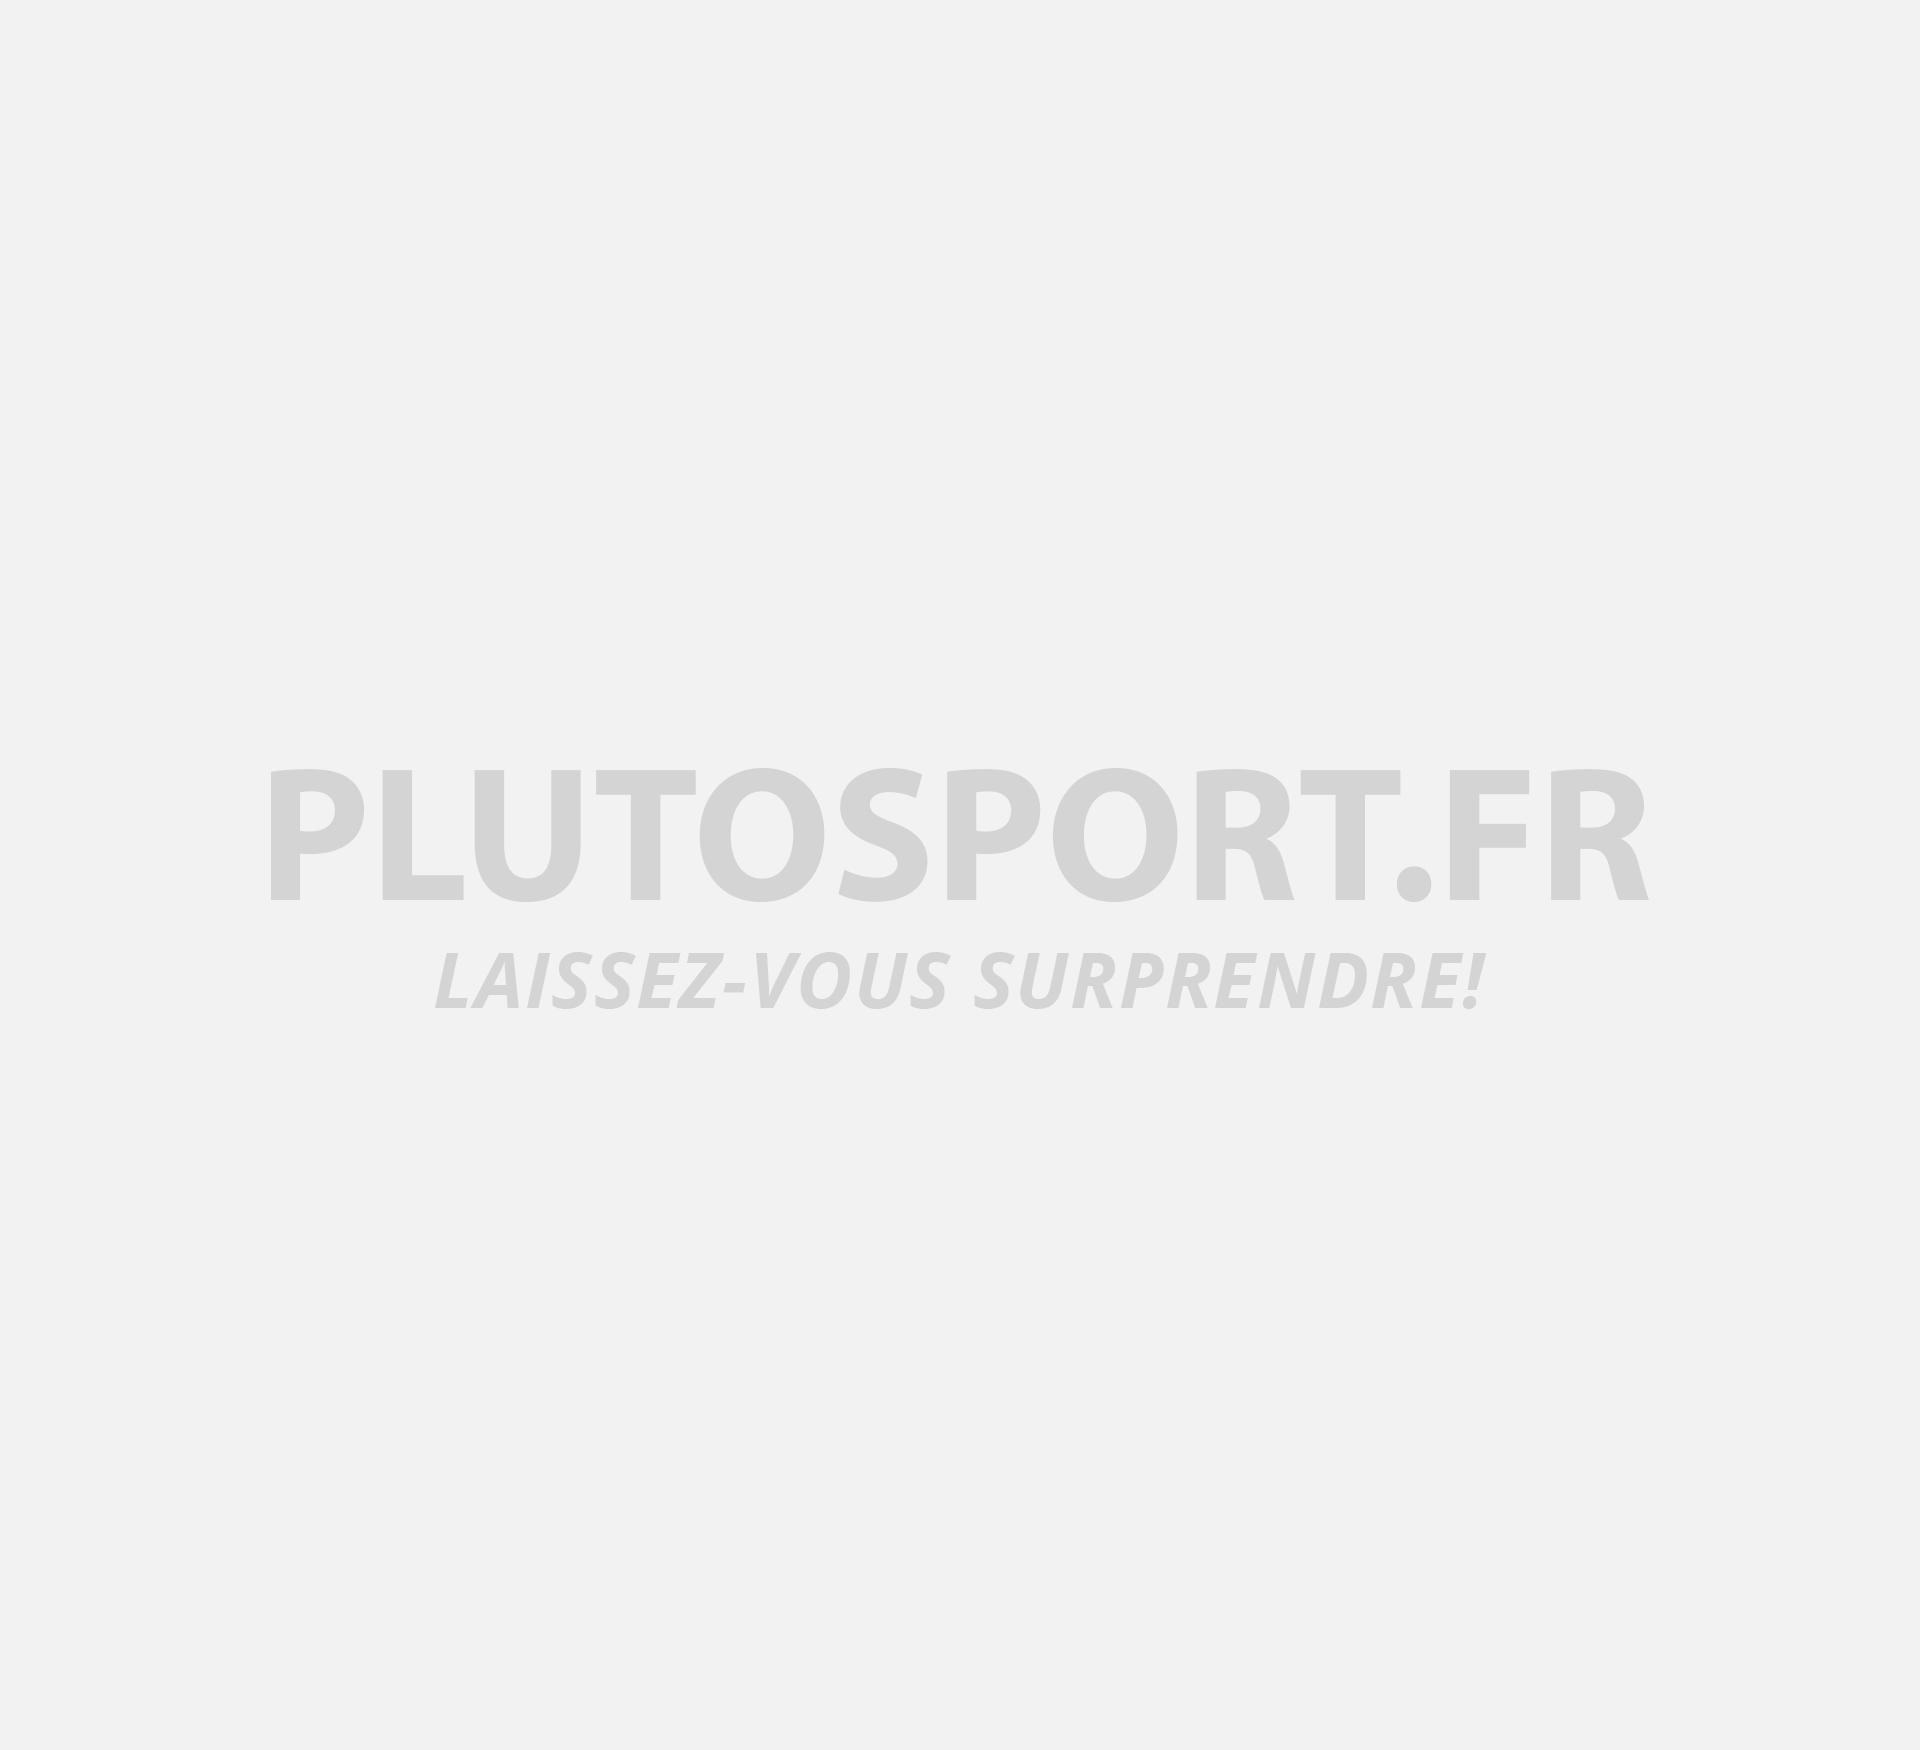 Le pantalon de jogging pour hommes Adidas T19 pantalon de survêtement